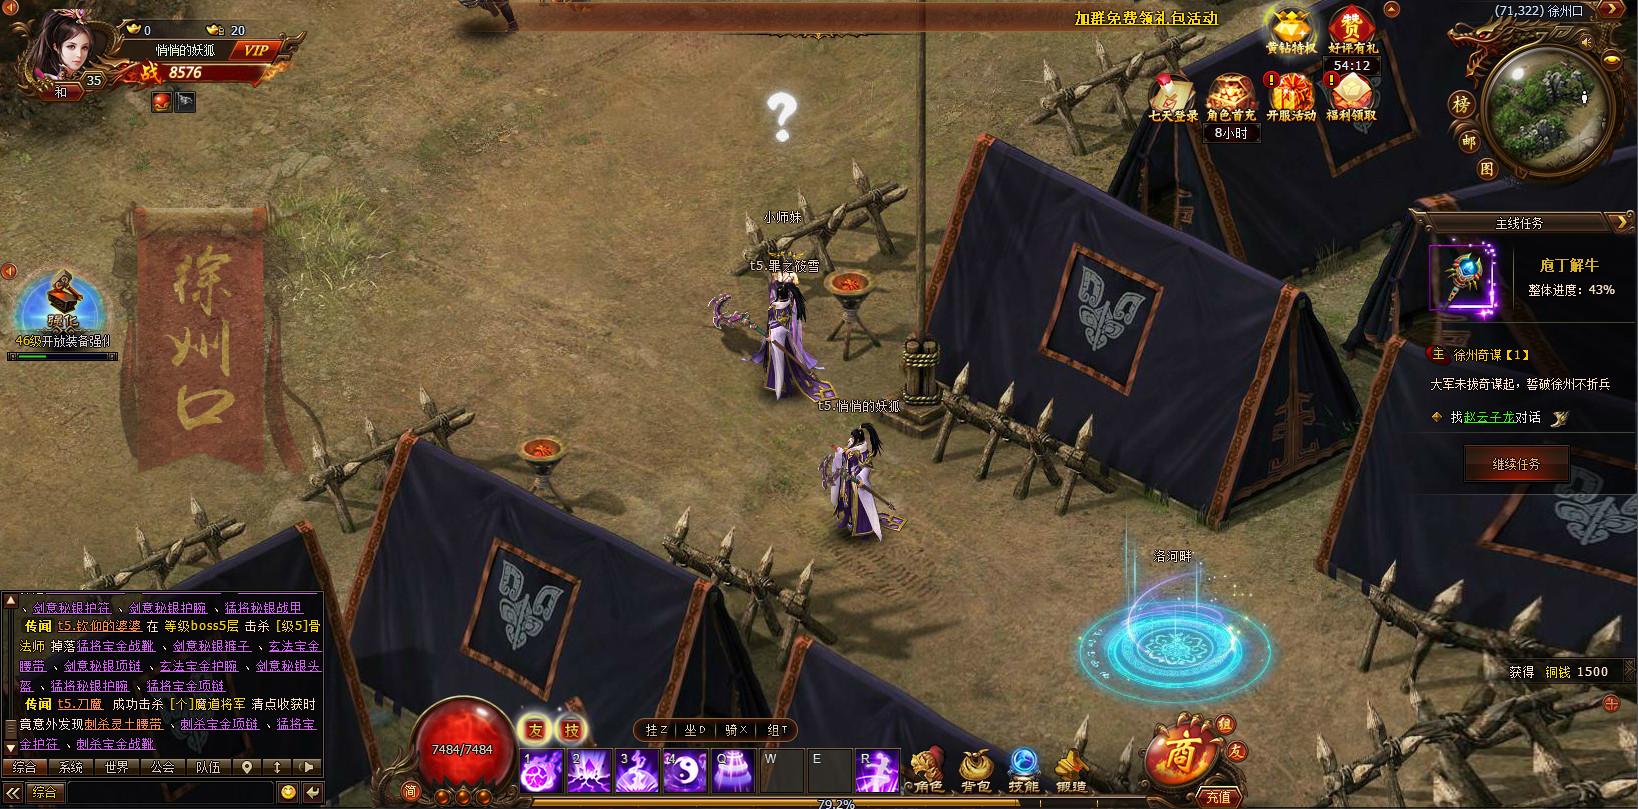 《天痕》游戏截图